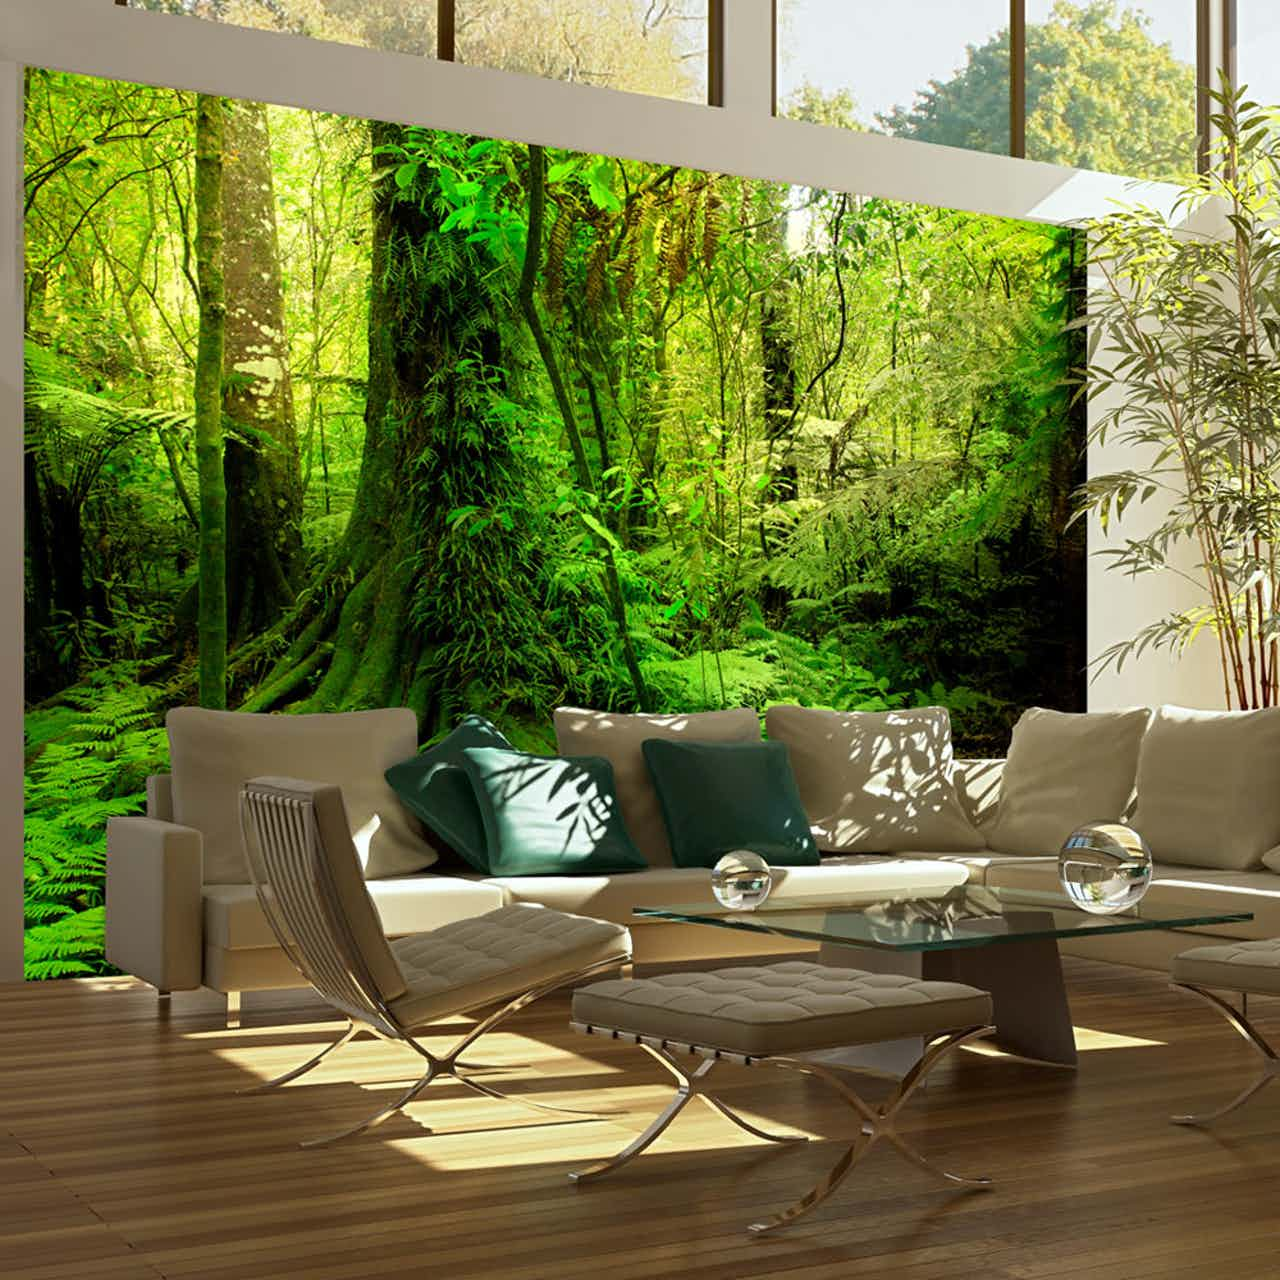 Fototapete - Dschungel